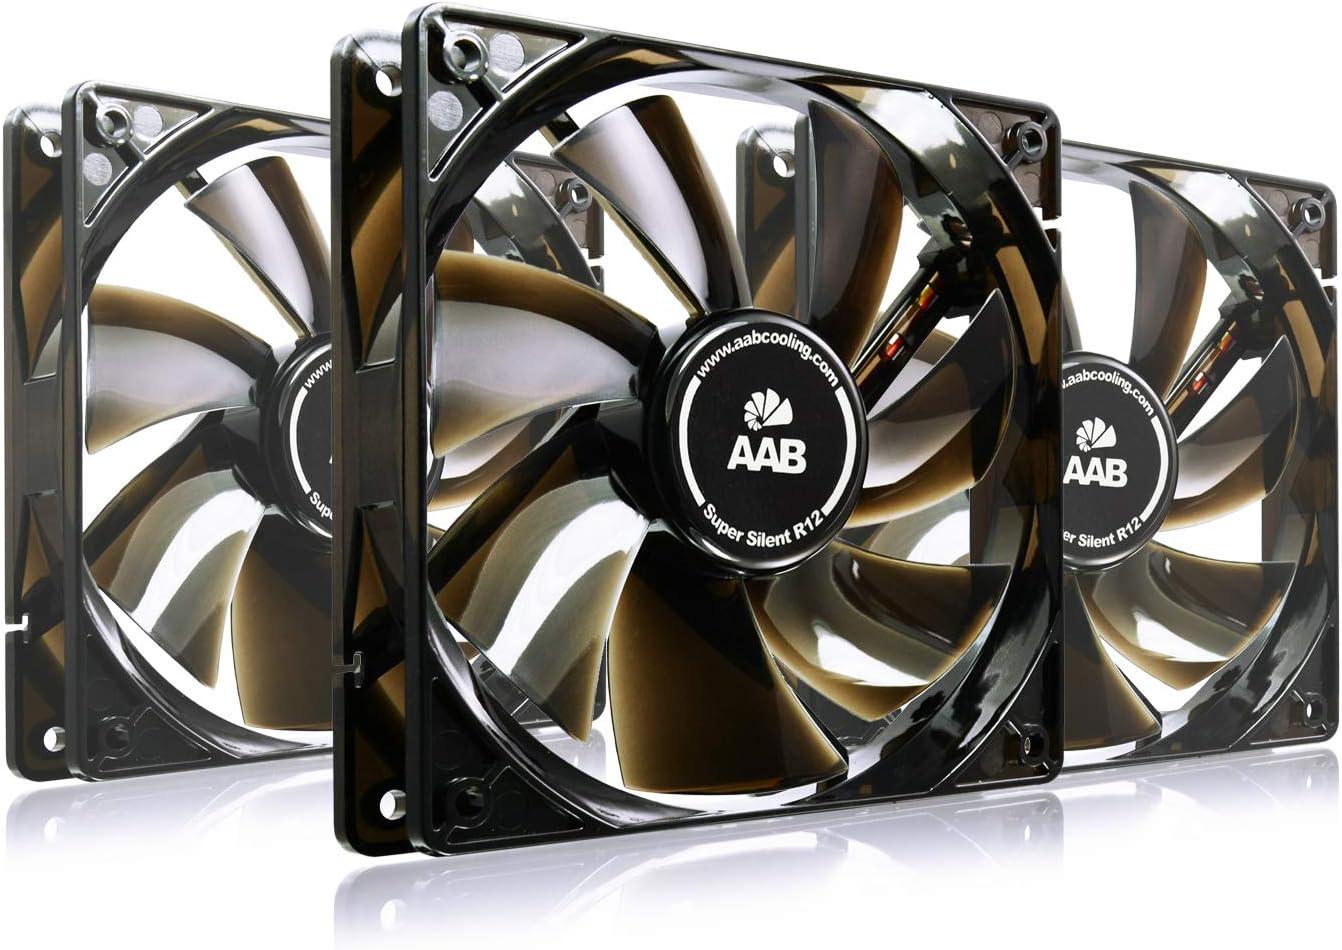 AAB Cooling Super Silent R12 - Un Silencioso y Muy Efectivo ...